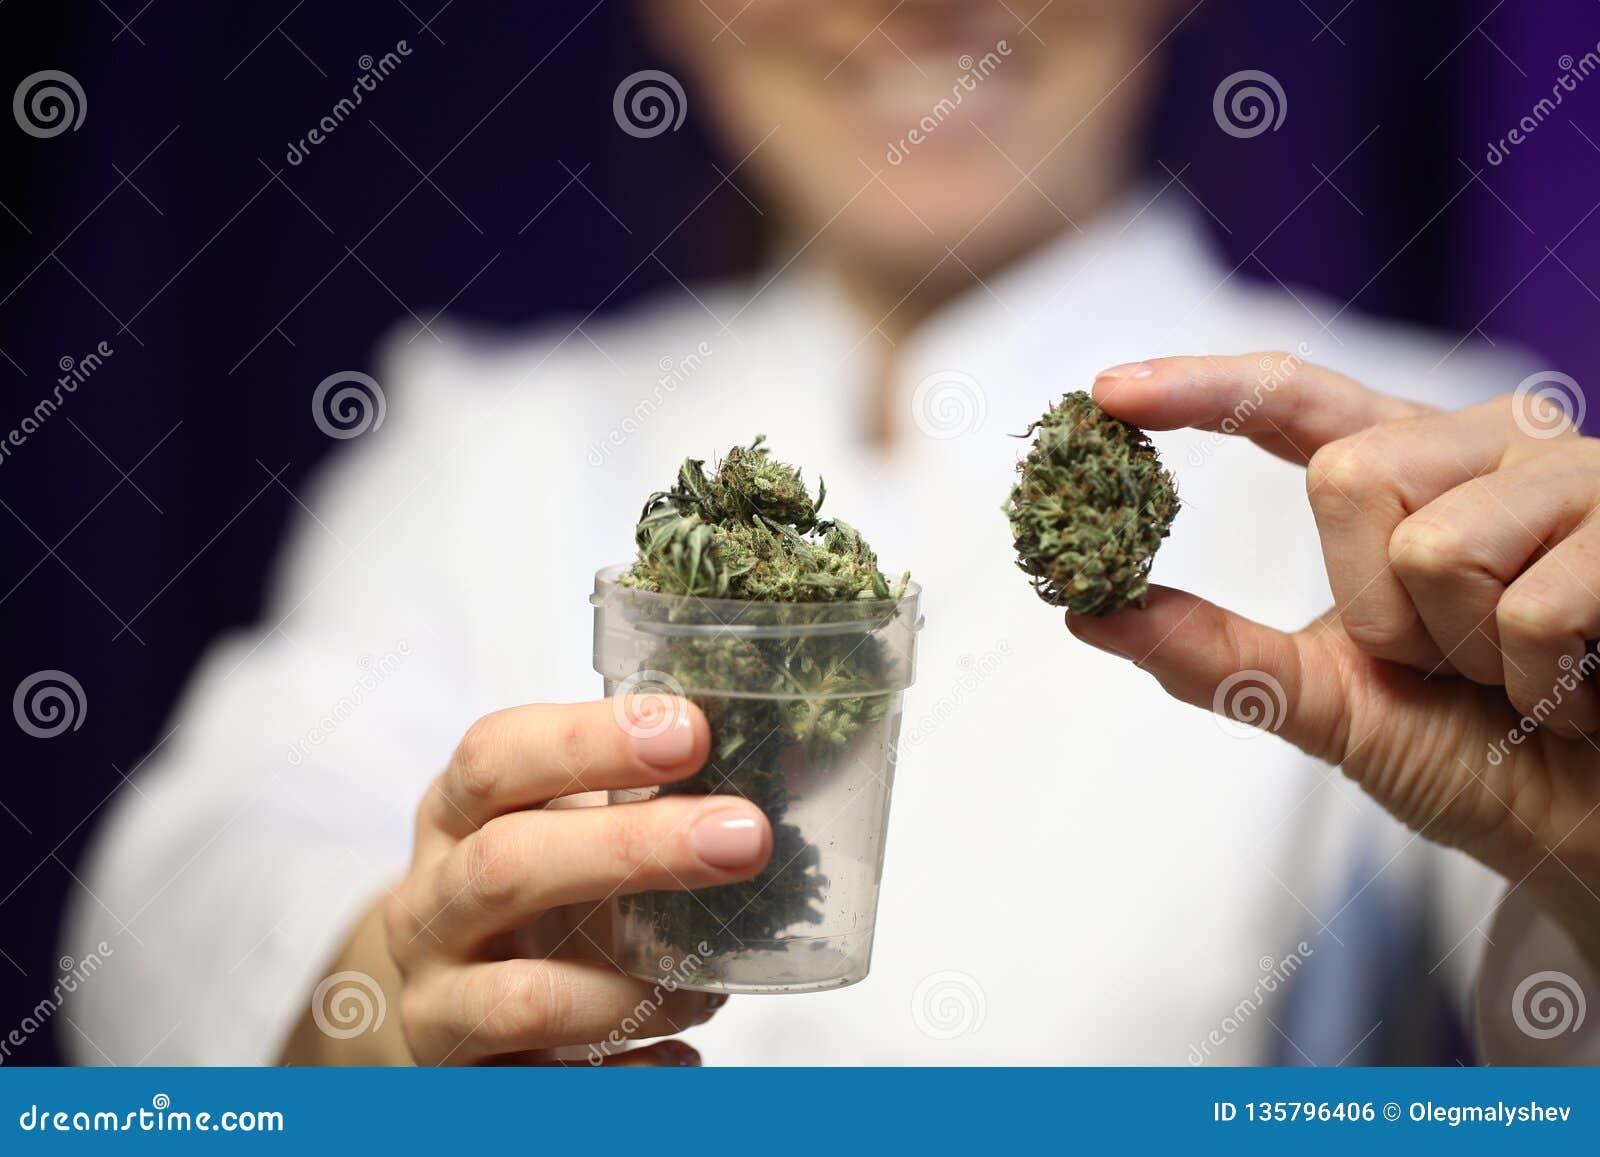 Medyczna marihuana w ręce lekarka marihuany alternatywna medycyna